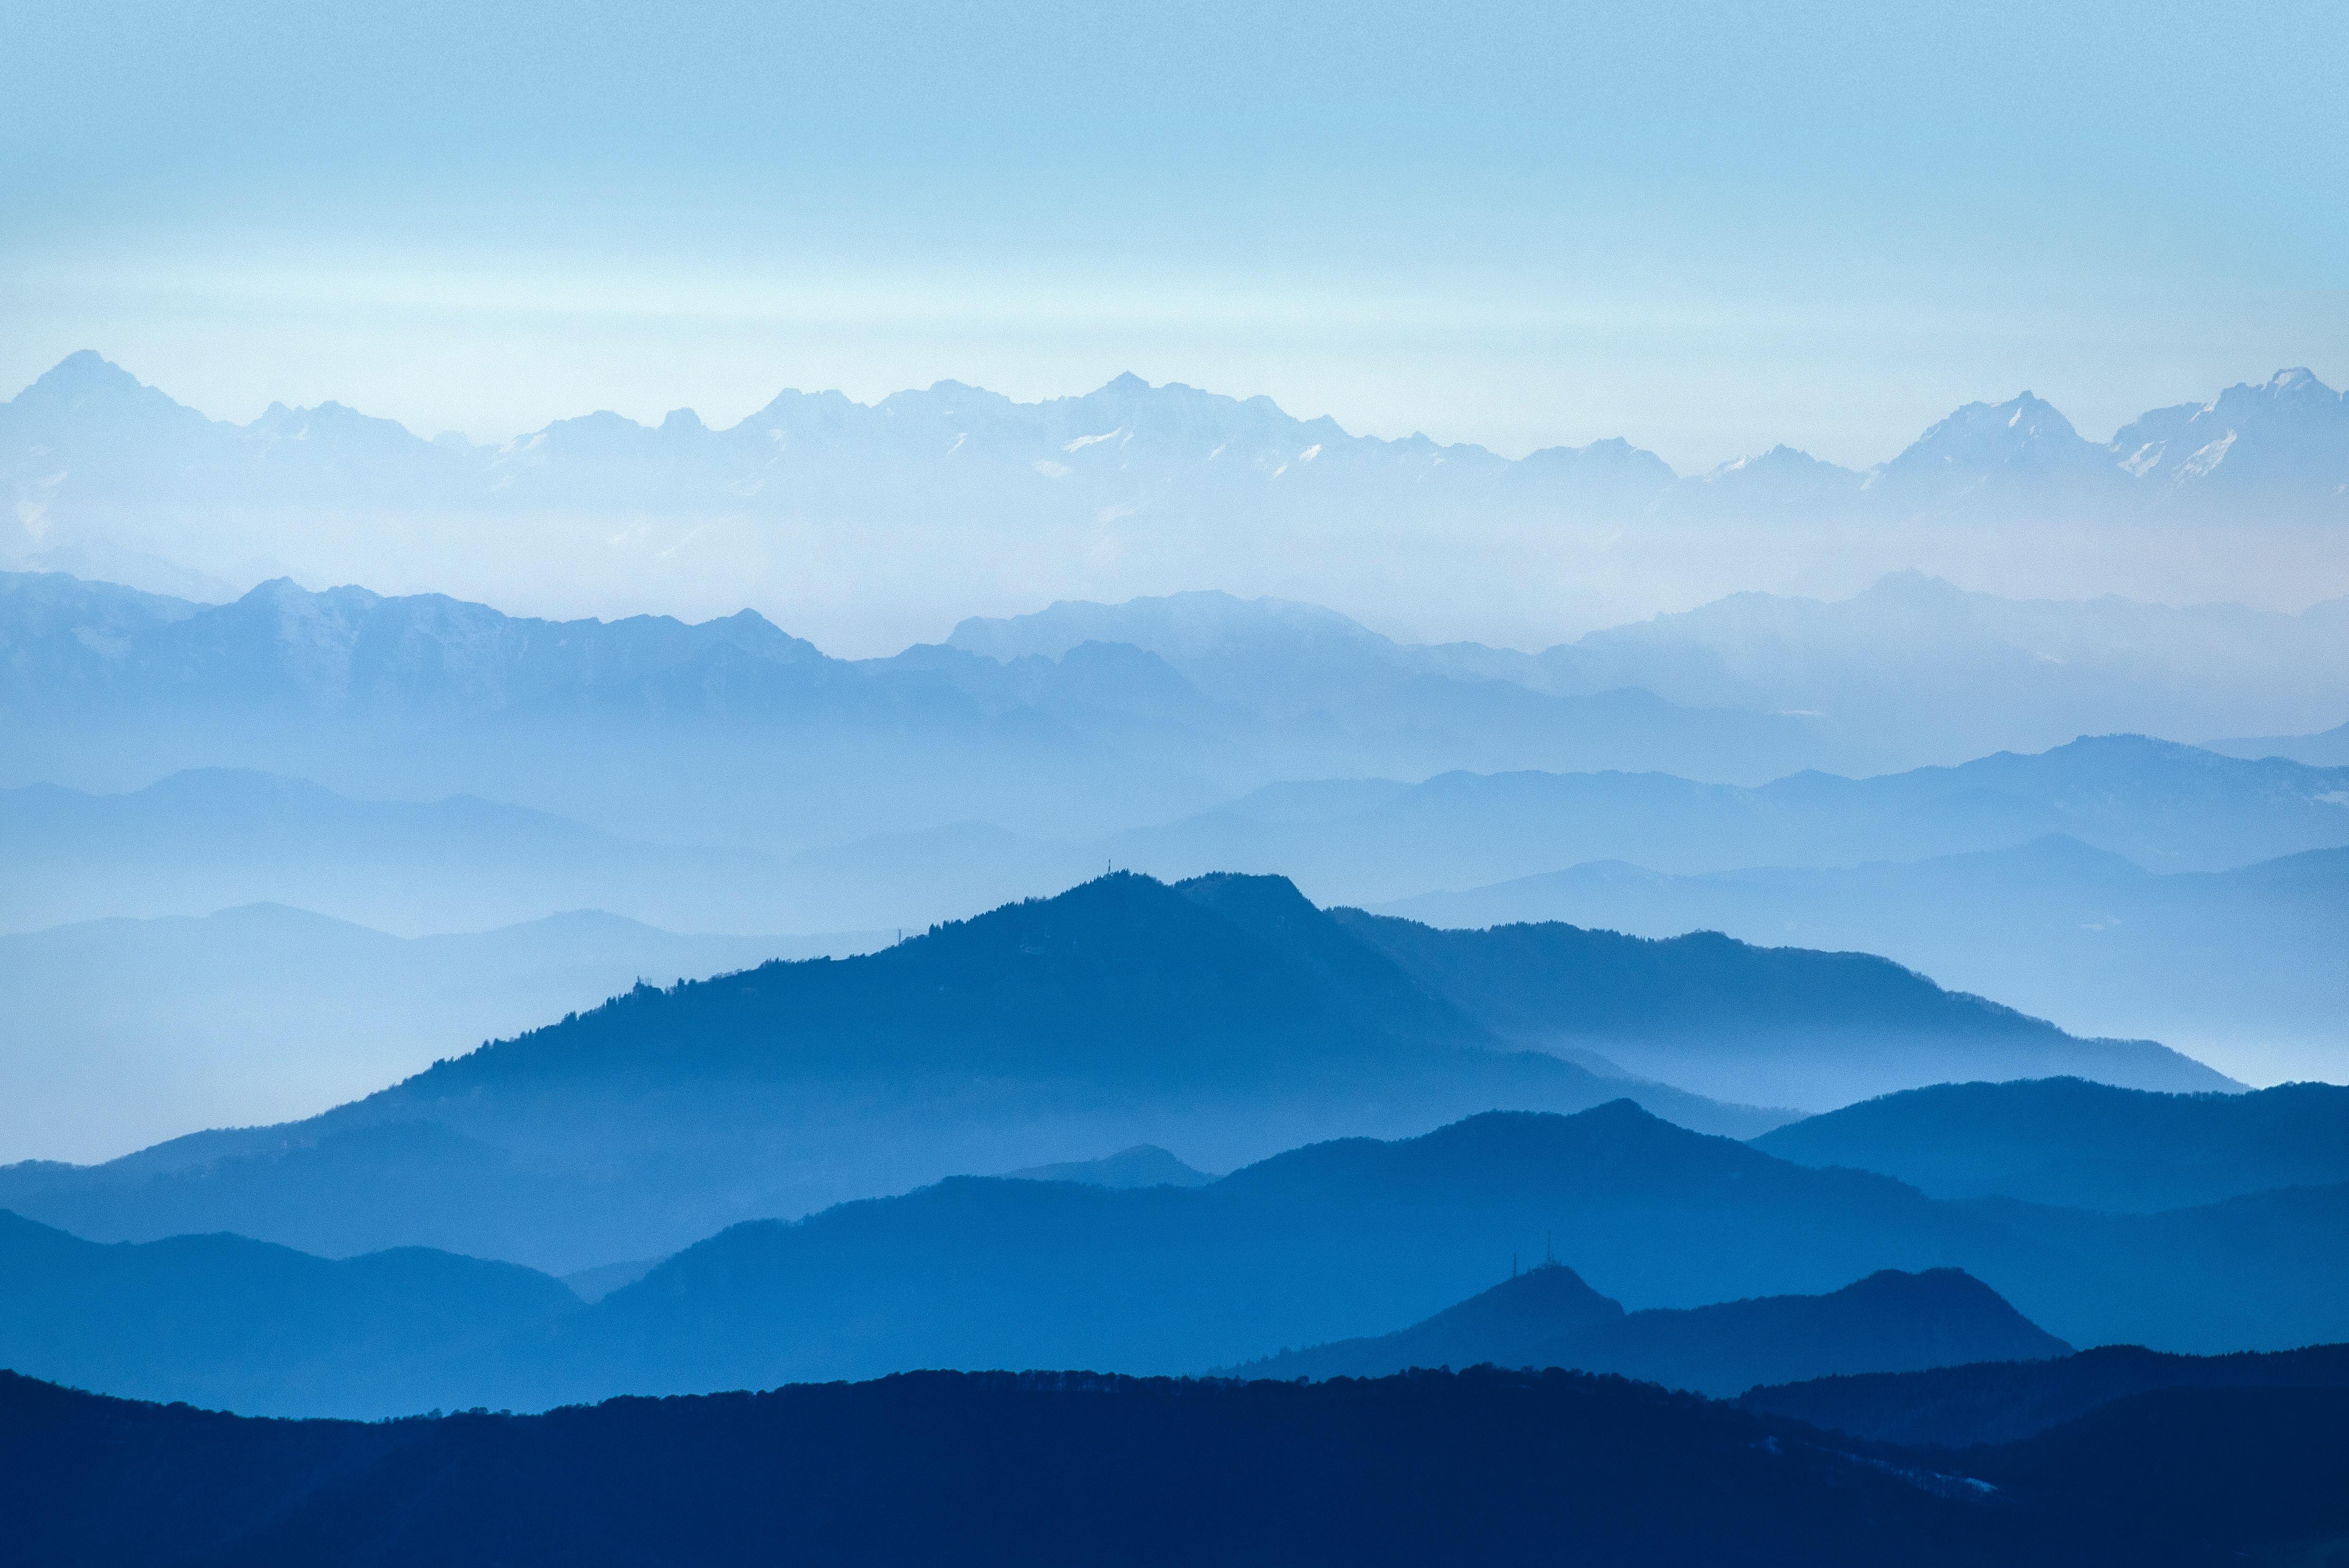 95934 обои 720x1520 на телефон бесплатно, скачать картинки Природа, Небо, Горы, Туман, Синий, Белый 720x1520 на мобильный